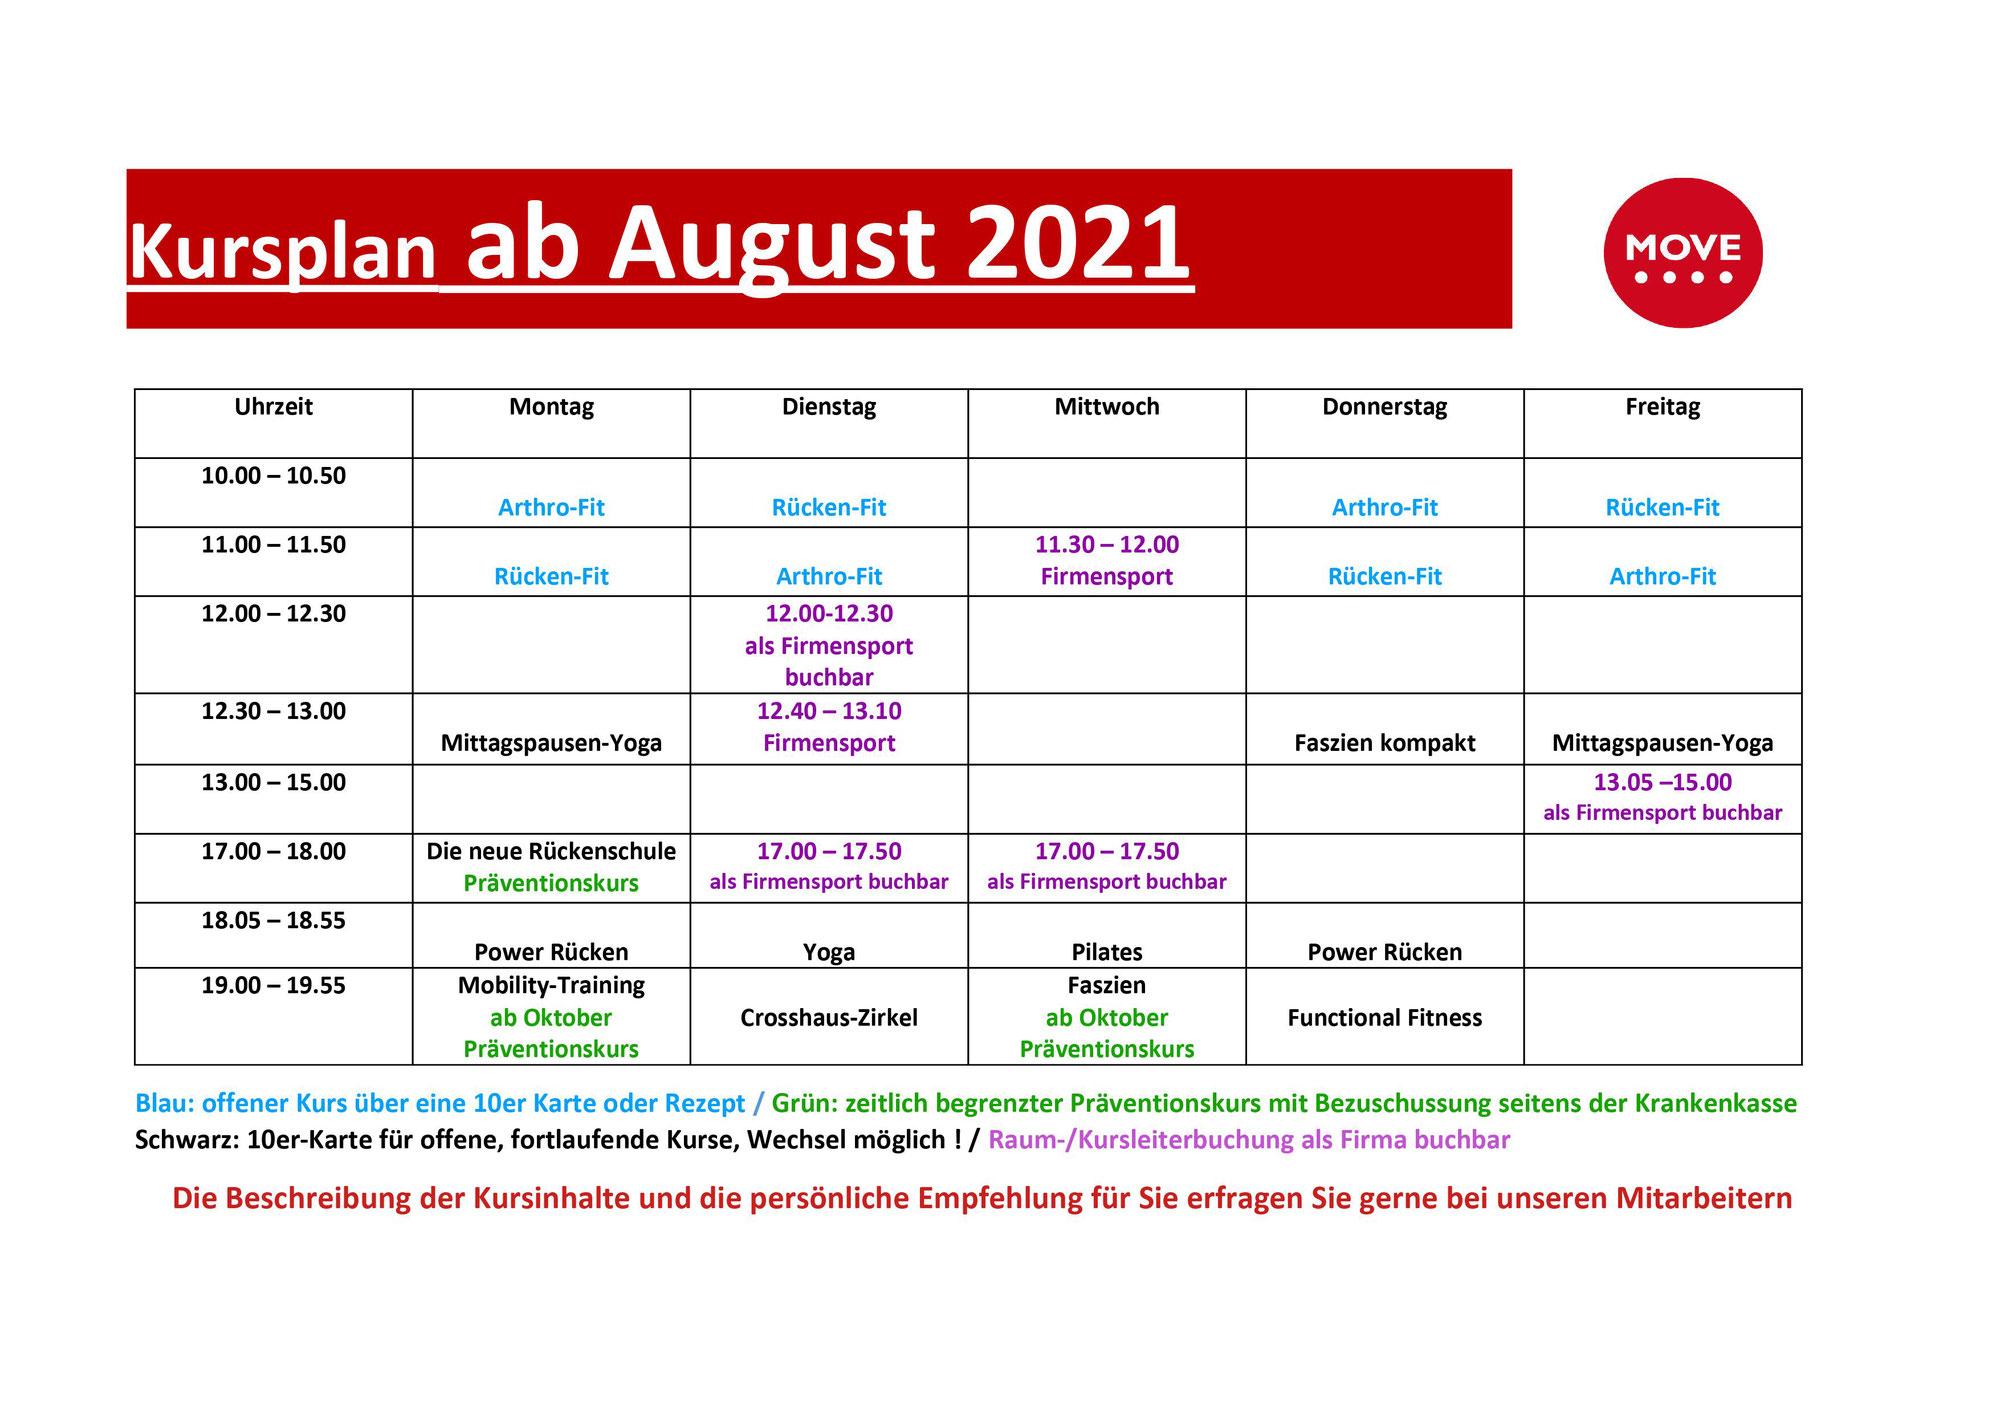 NEU! Kursplan ab August 2021